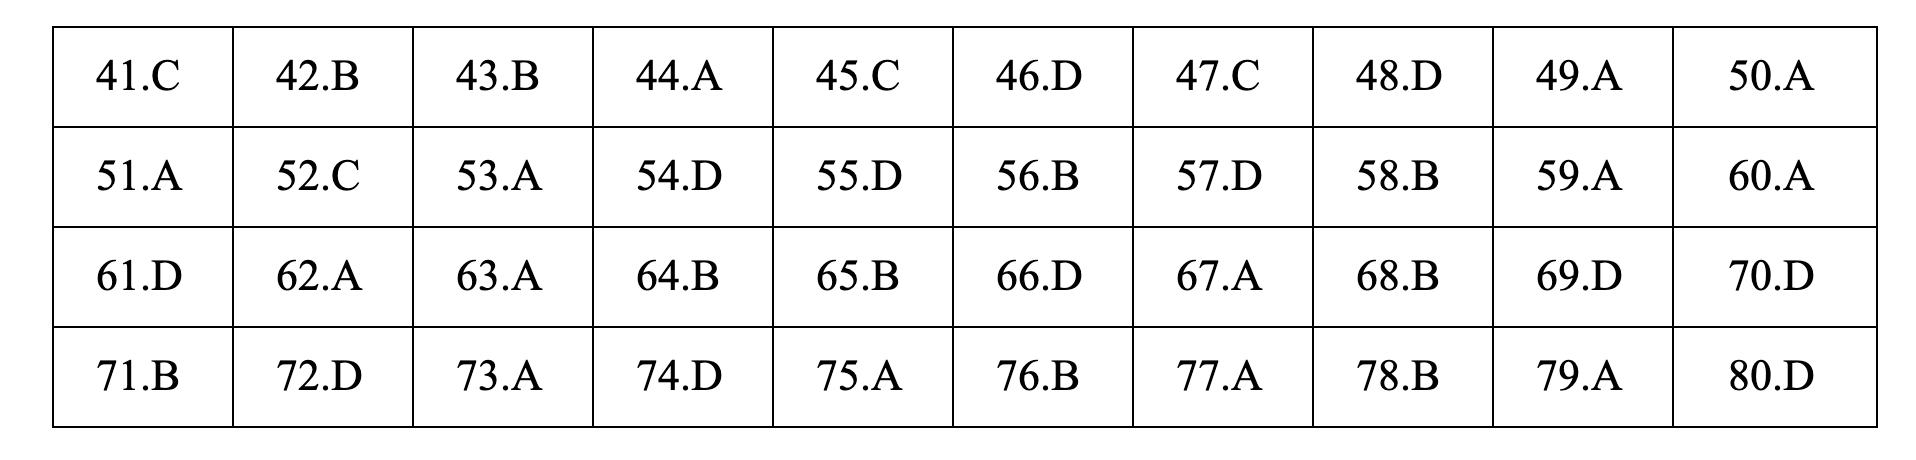 Lời giải tham khảo môn Hóa học thi THPT quốc gia 2019 mã đề 202